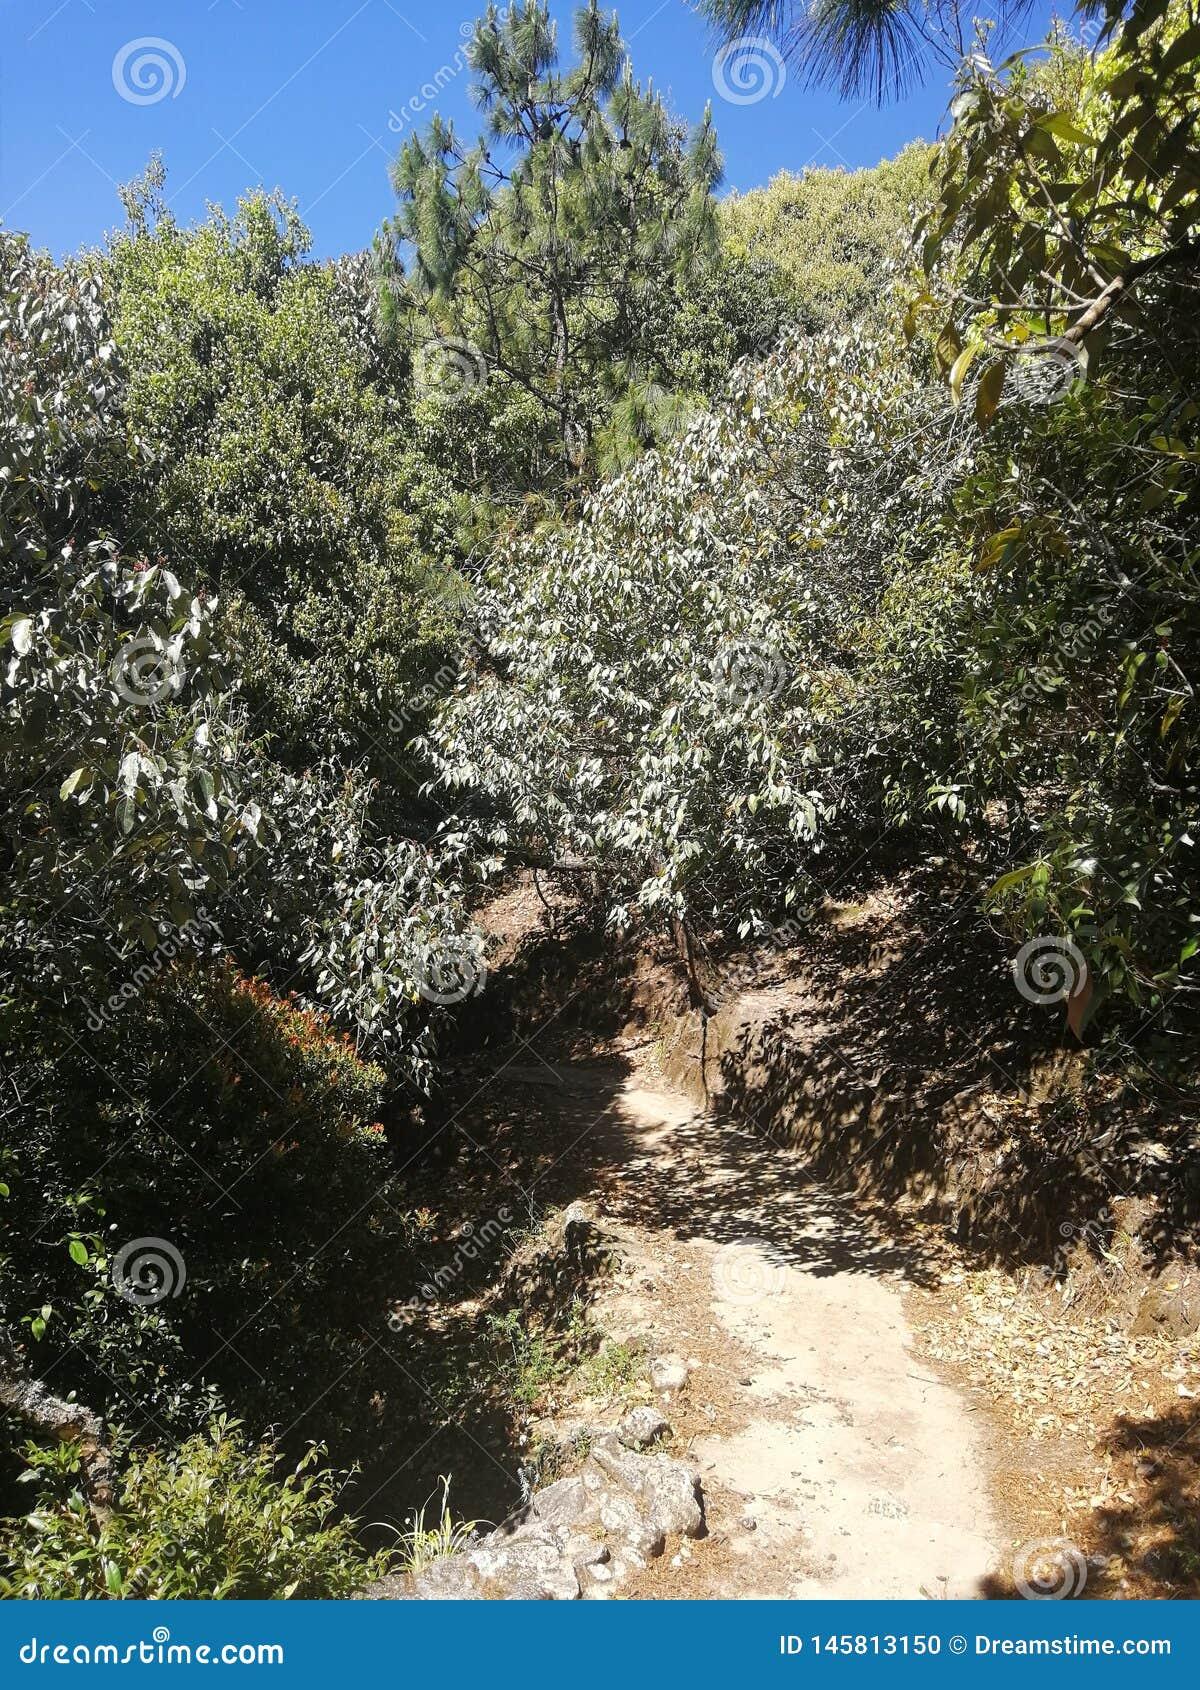 Βαθιά βουνά και δάση, το αρχικό οικολογικό περιβάλλον